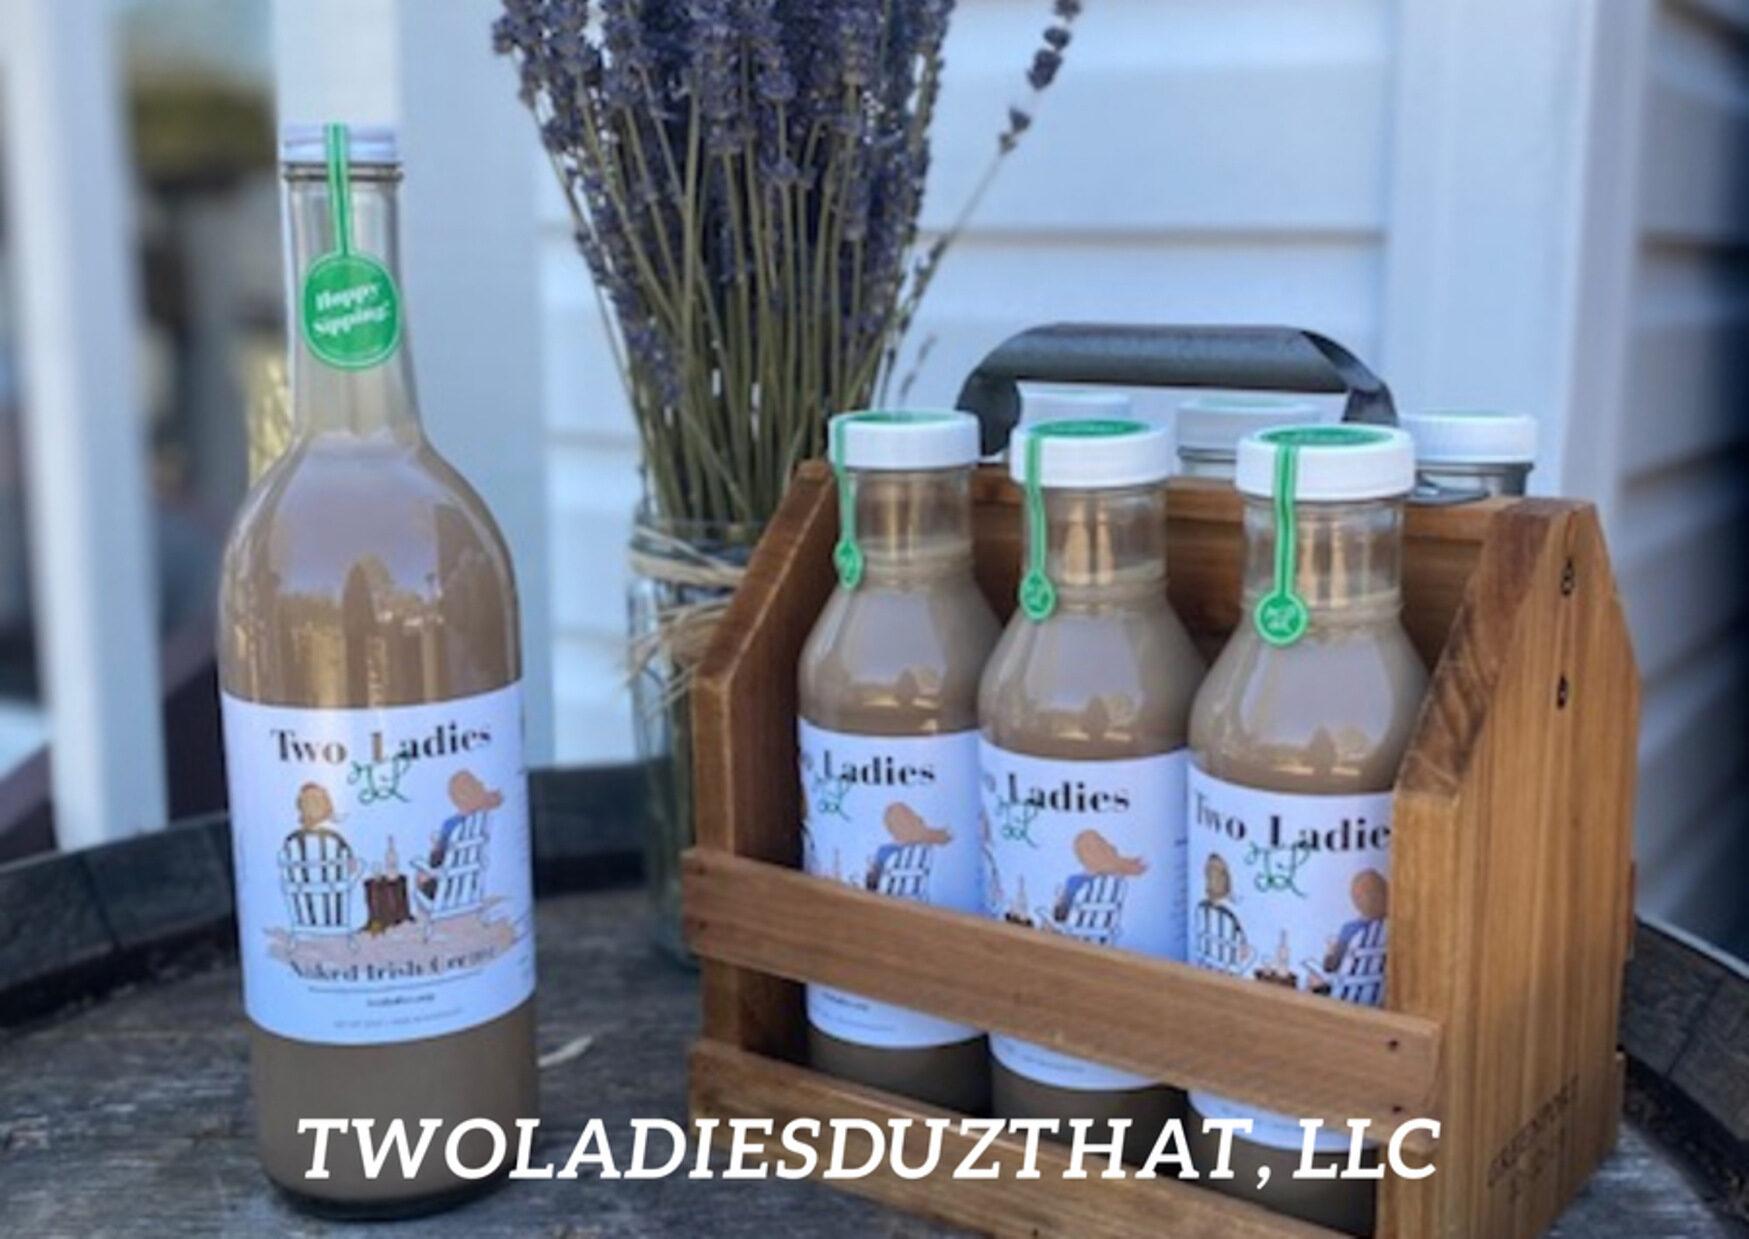 Two Ladies Naked Irish Creme